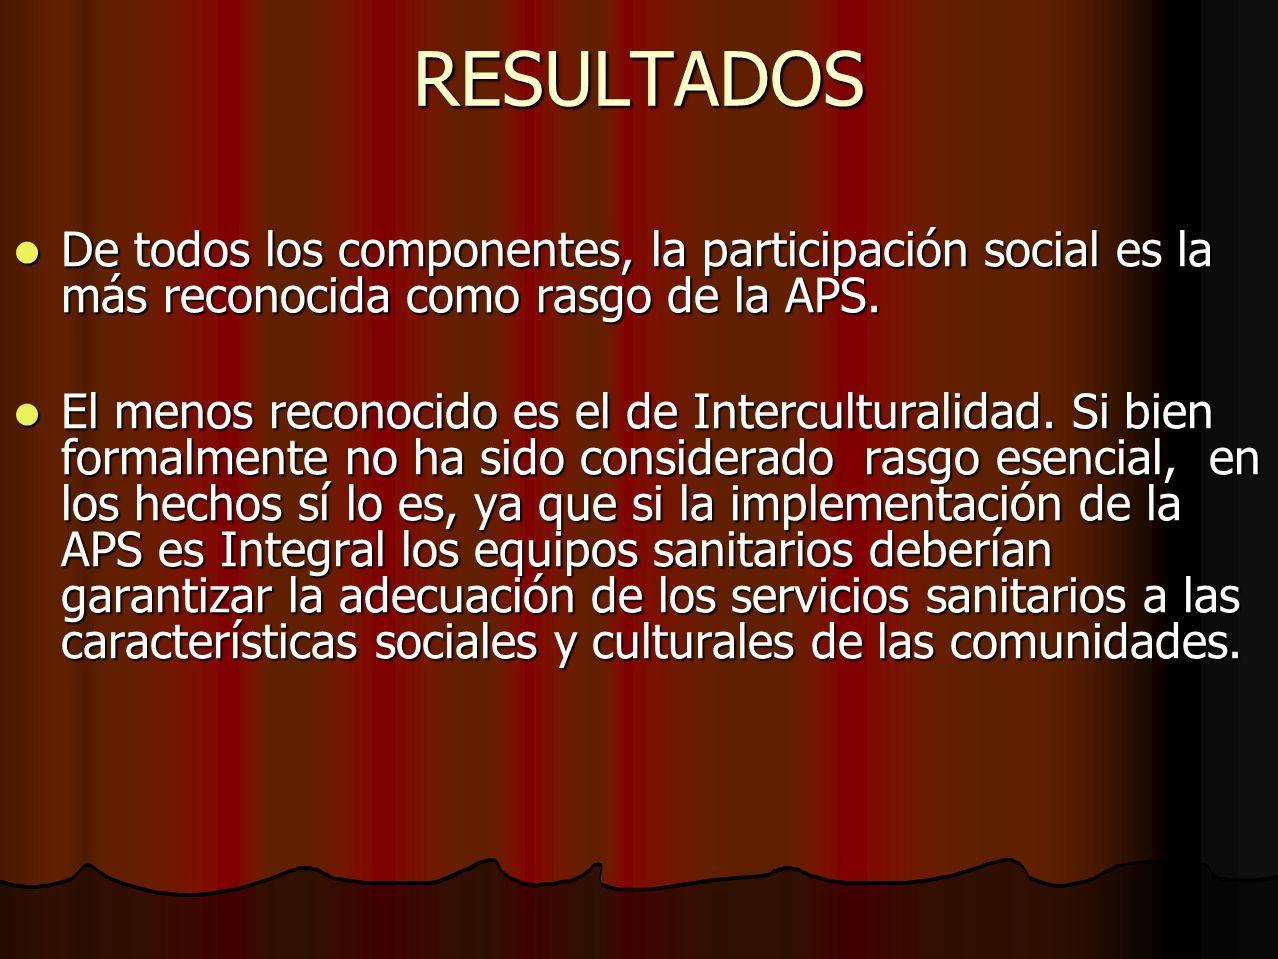 RESULTADOS De todos los componentes, la participación social es la más reconocida como rasgo de la APS. De todos los componentes, la participación soc